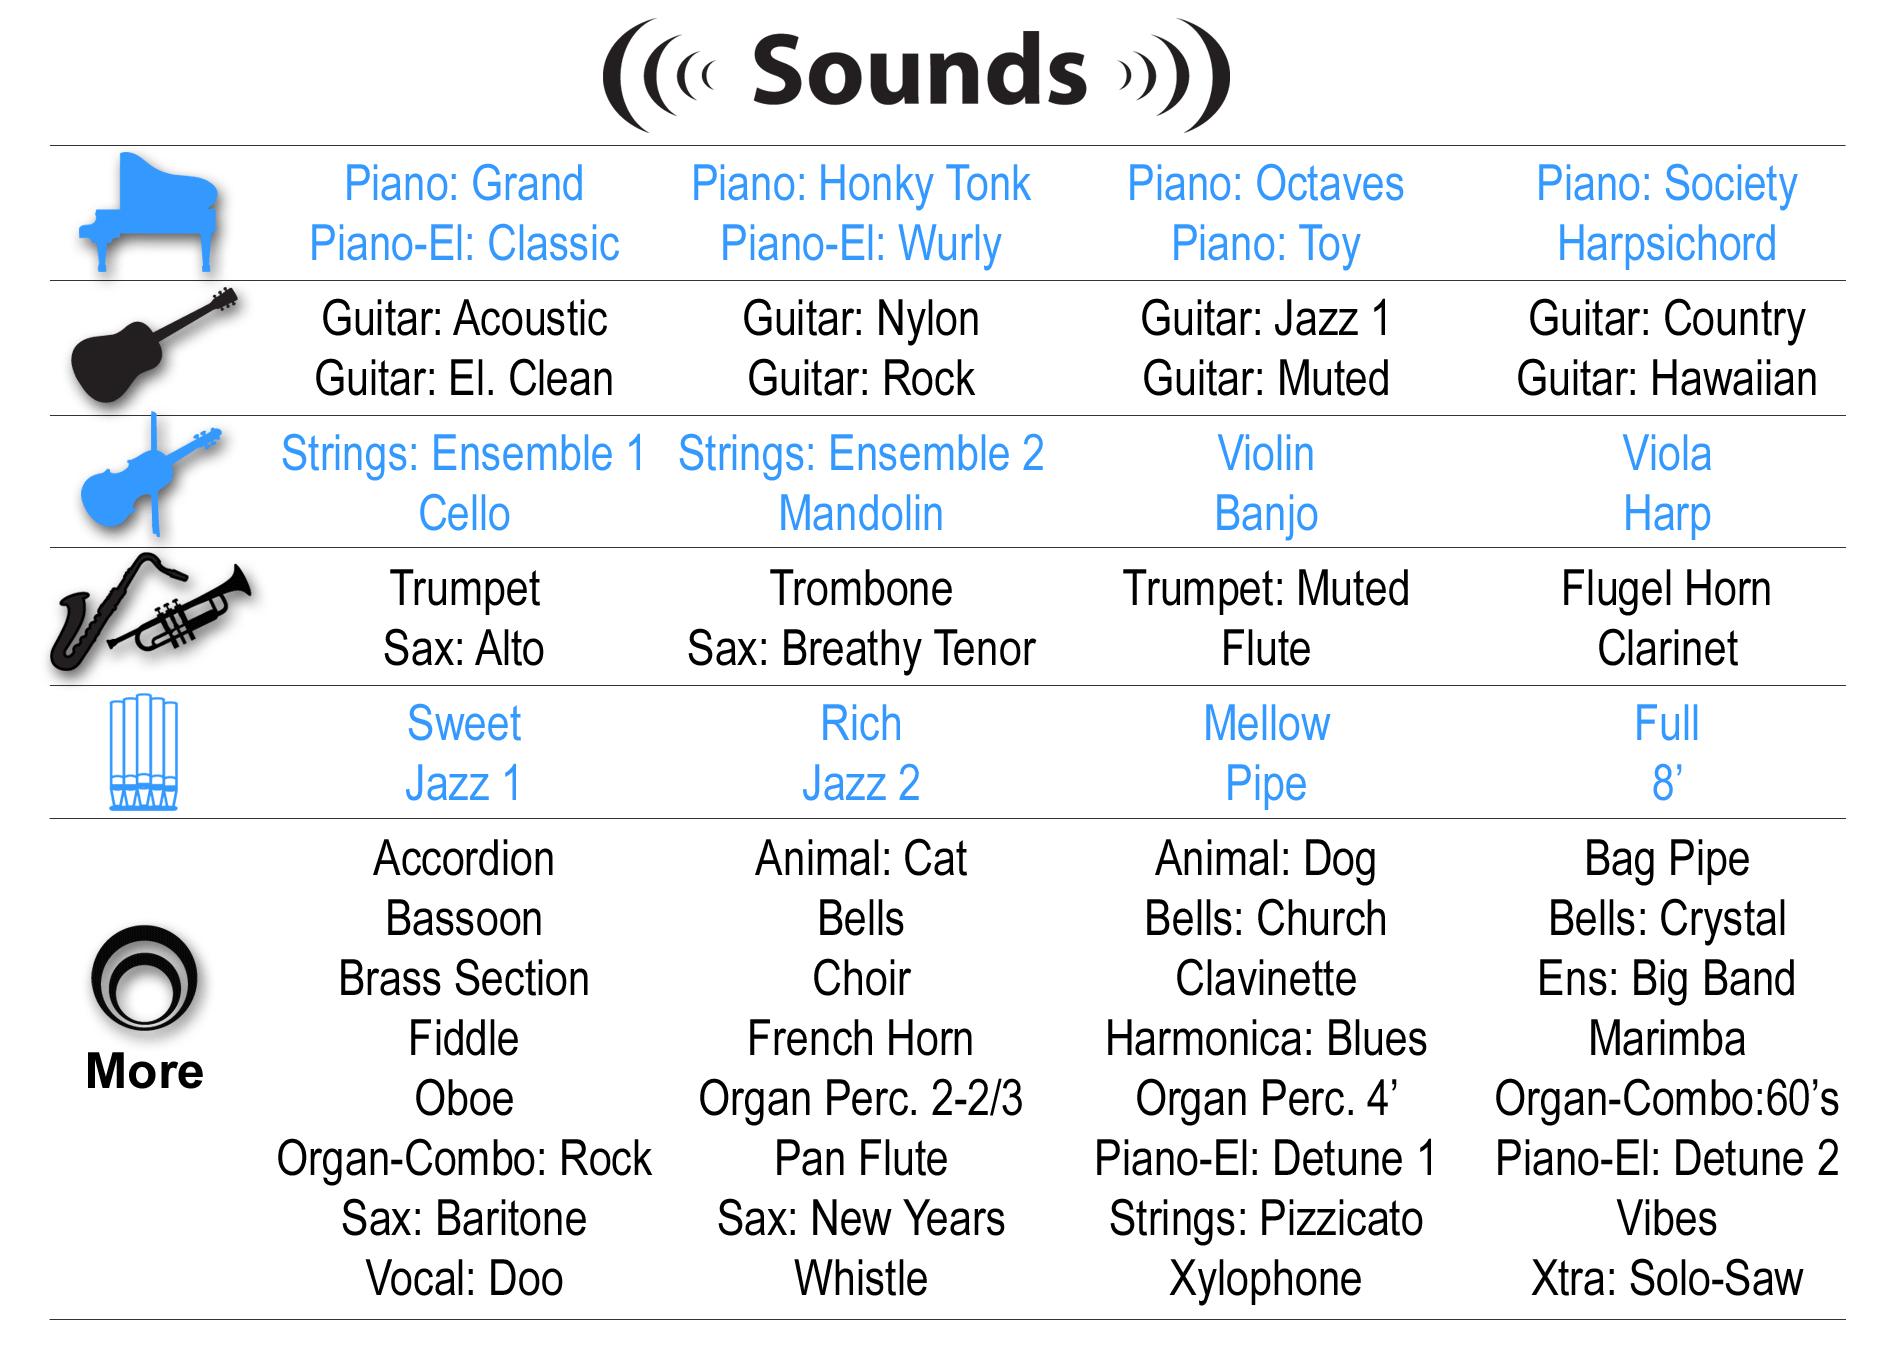 ezp7-sounds-v3